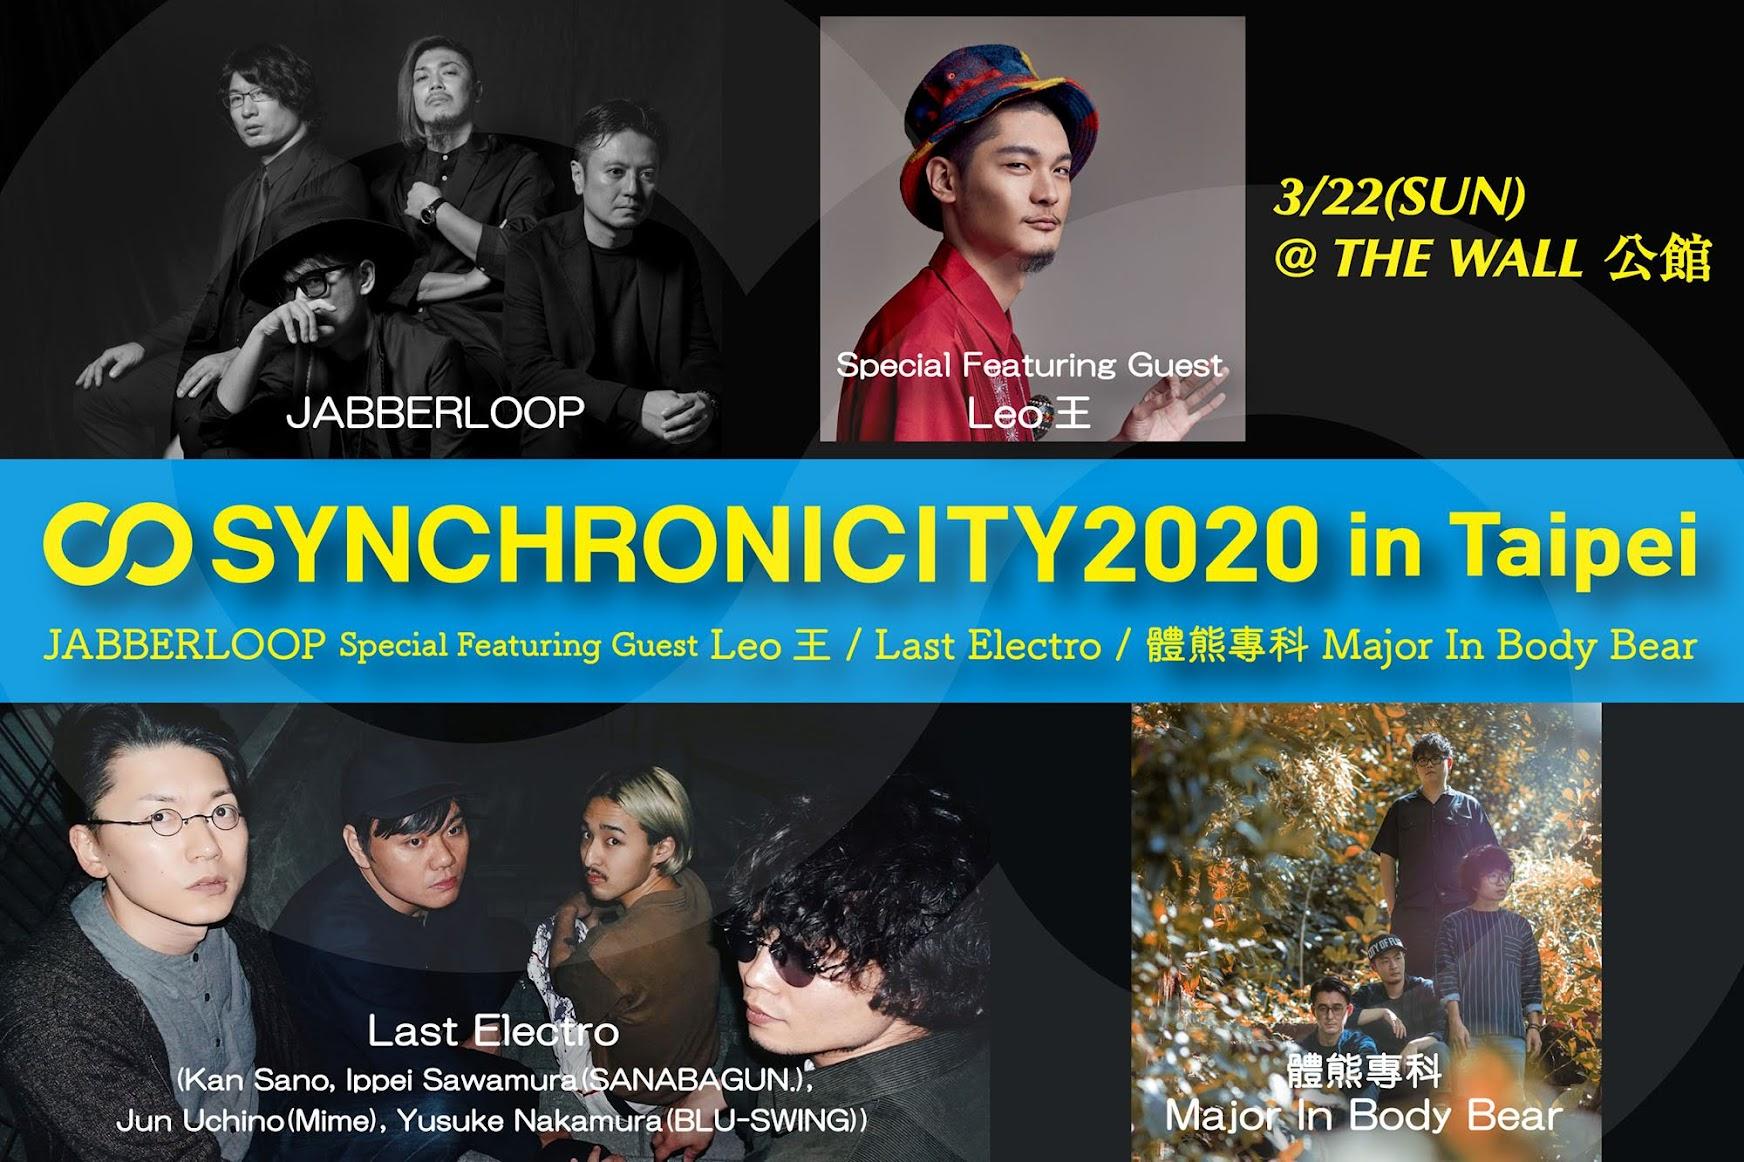 日本都市型音樂祭  SYNCHRONICITY  首增台北場 JABBERLOOP 、 Leo王 、 Last Electro 、 體熊專科 陣容豪華